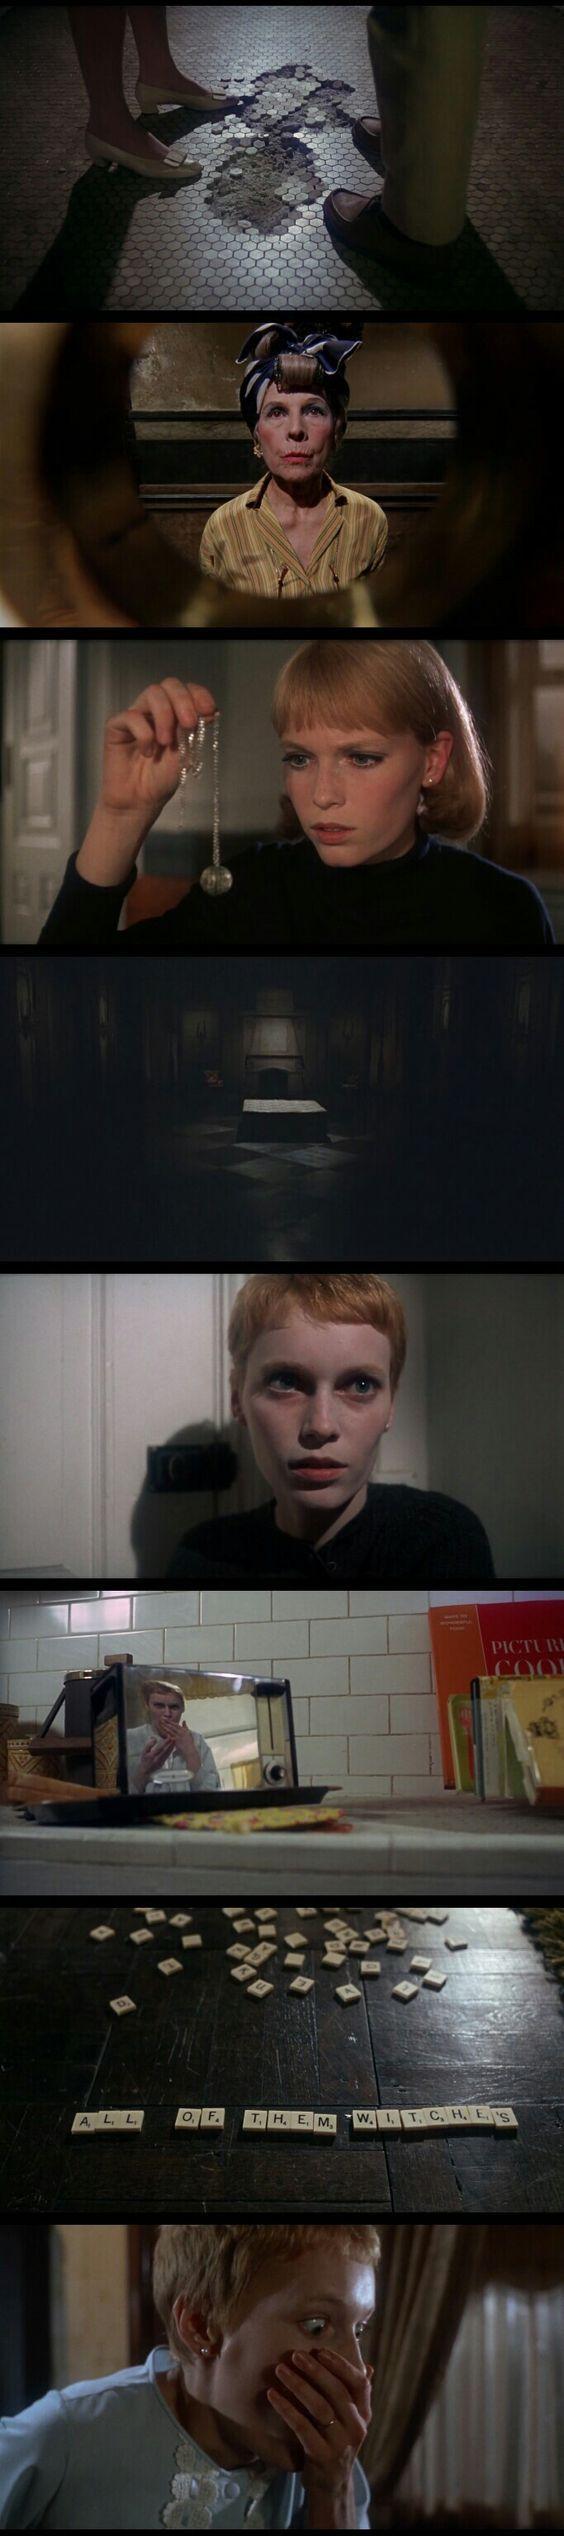 Cenas do filme O Bebê de Rosemary. 10 bons filmes de terror. O cinema disposto em todas as suas formas. Análises desde os clássicos até as novidades que permeiam a sétima arte. Críticas de filmes e matérias especiais todos os dias.